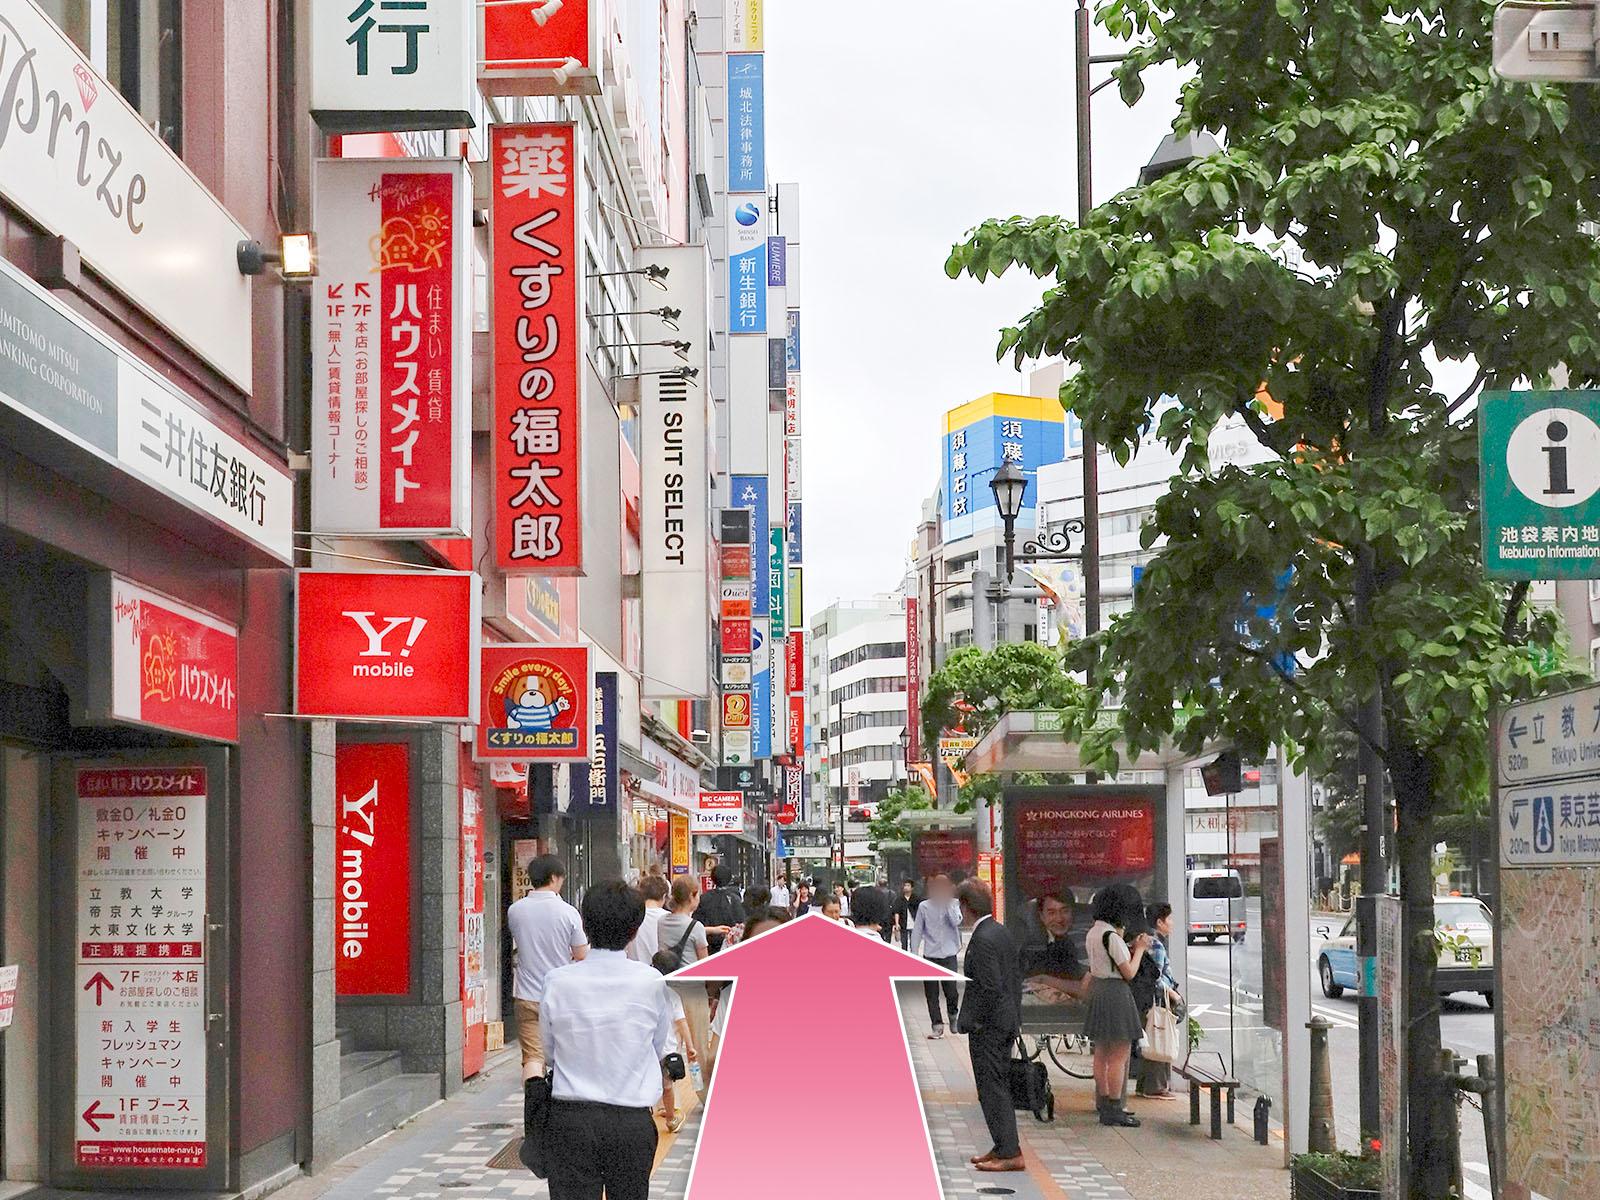 東京中央美容外科池袋西口院池袋駅西口地上出口ルート03